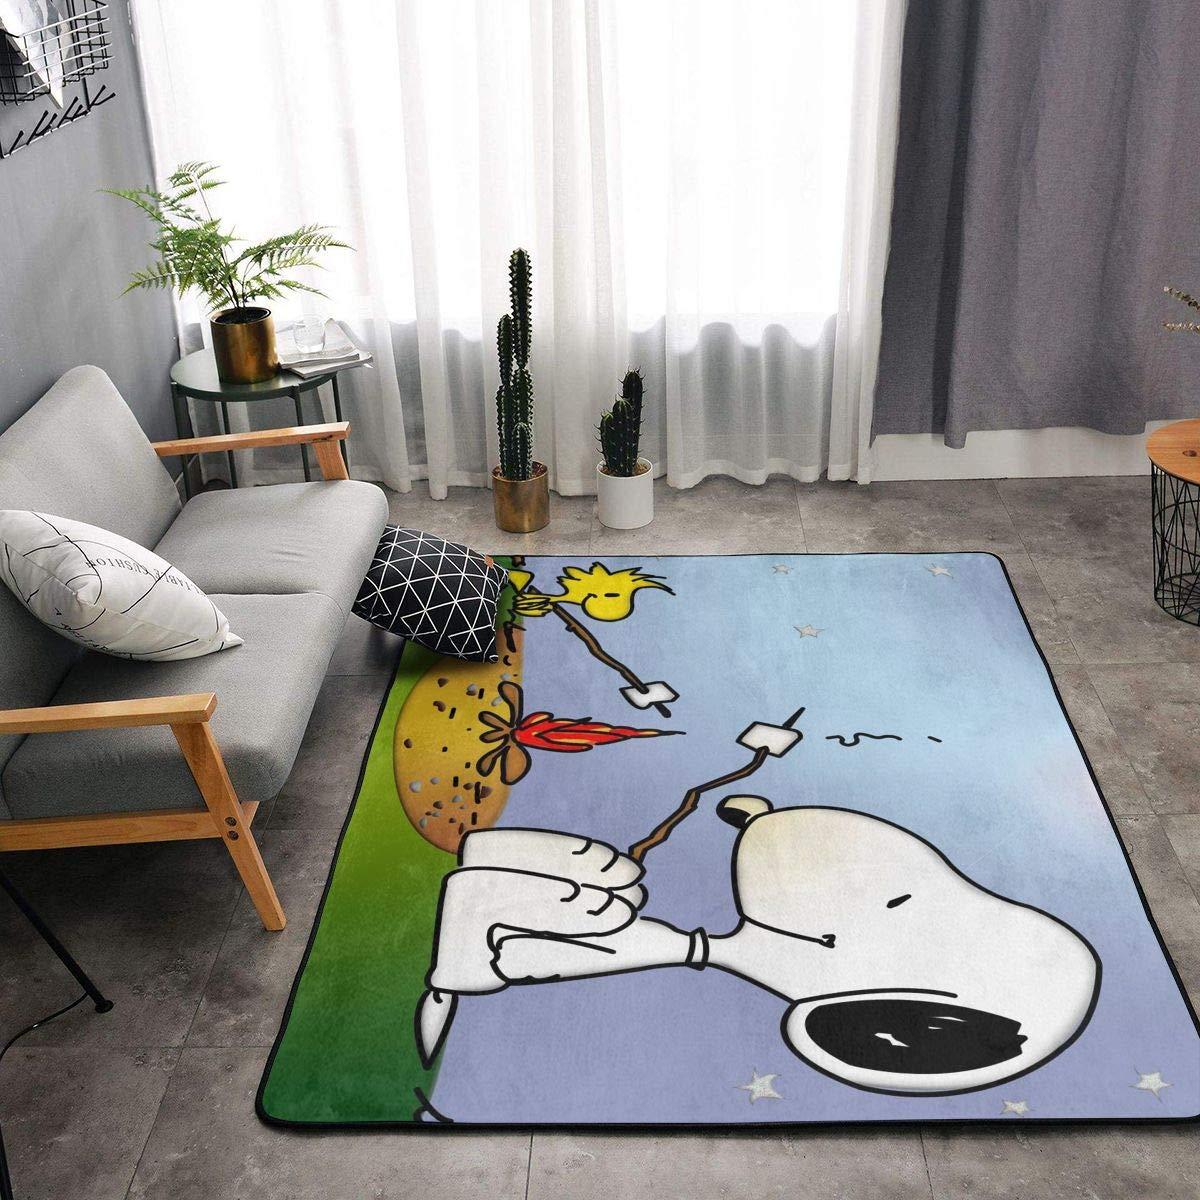 Cute Yellow Snoopy Bedroom Doormat Floor Mat Rug Carpet Home Room Kids Gift